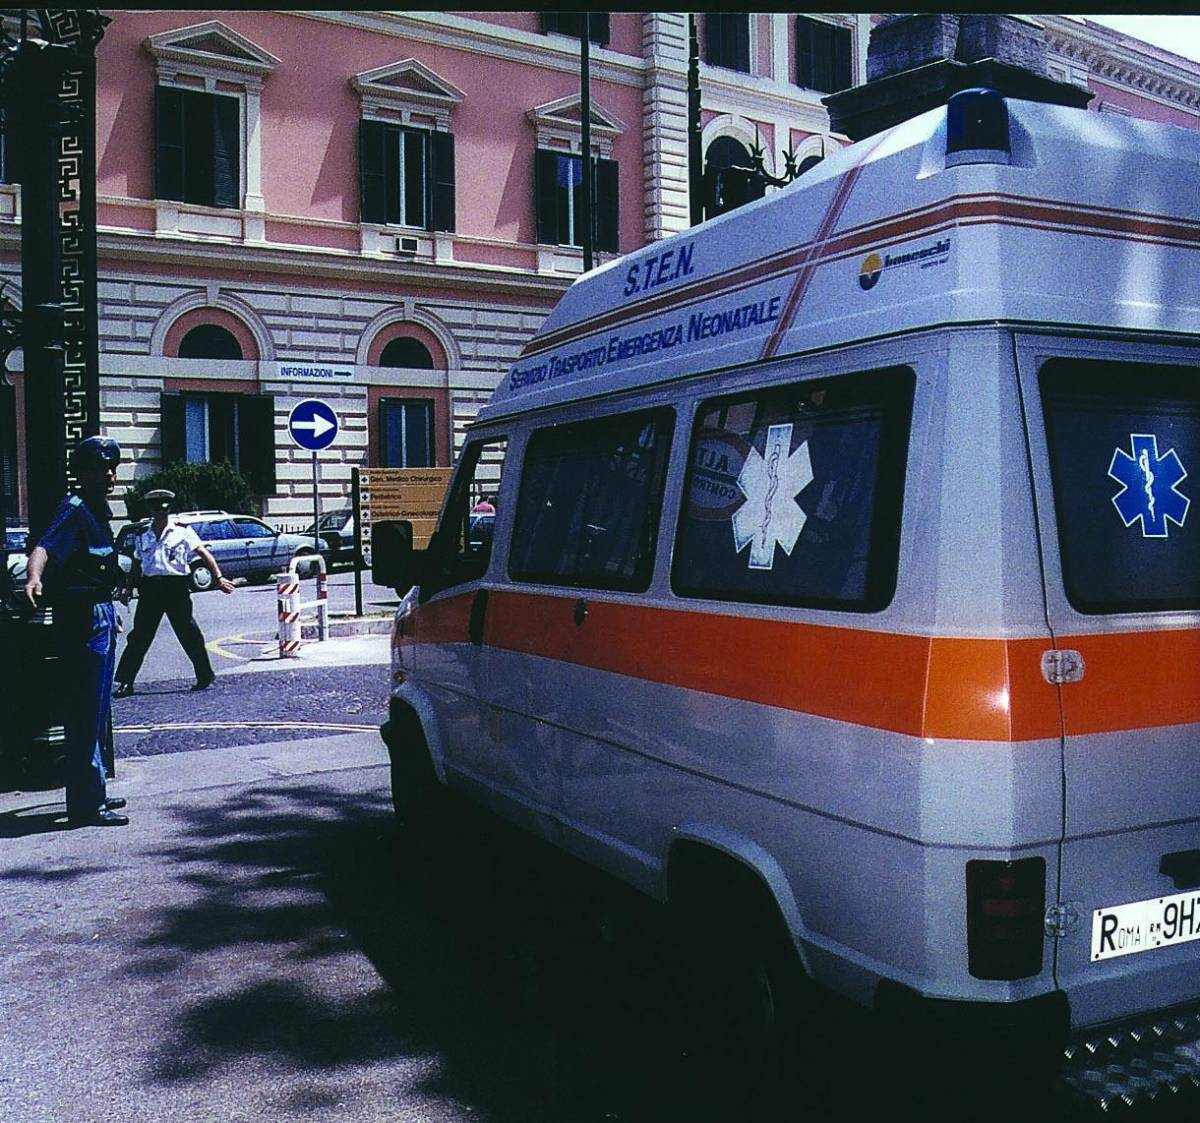 Re Fahd ricoverato in ospedale: stato d'allerta e congedi sospesi